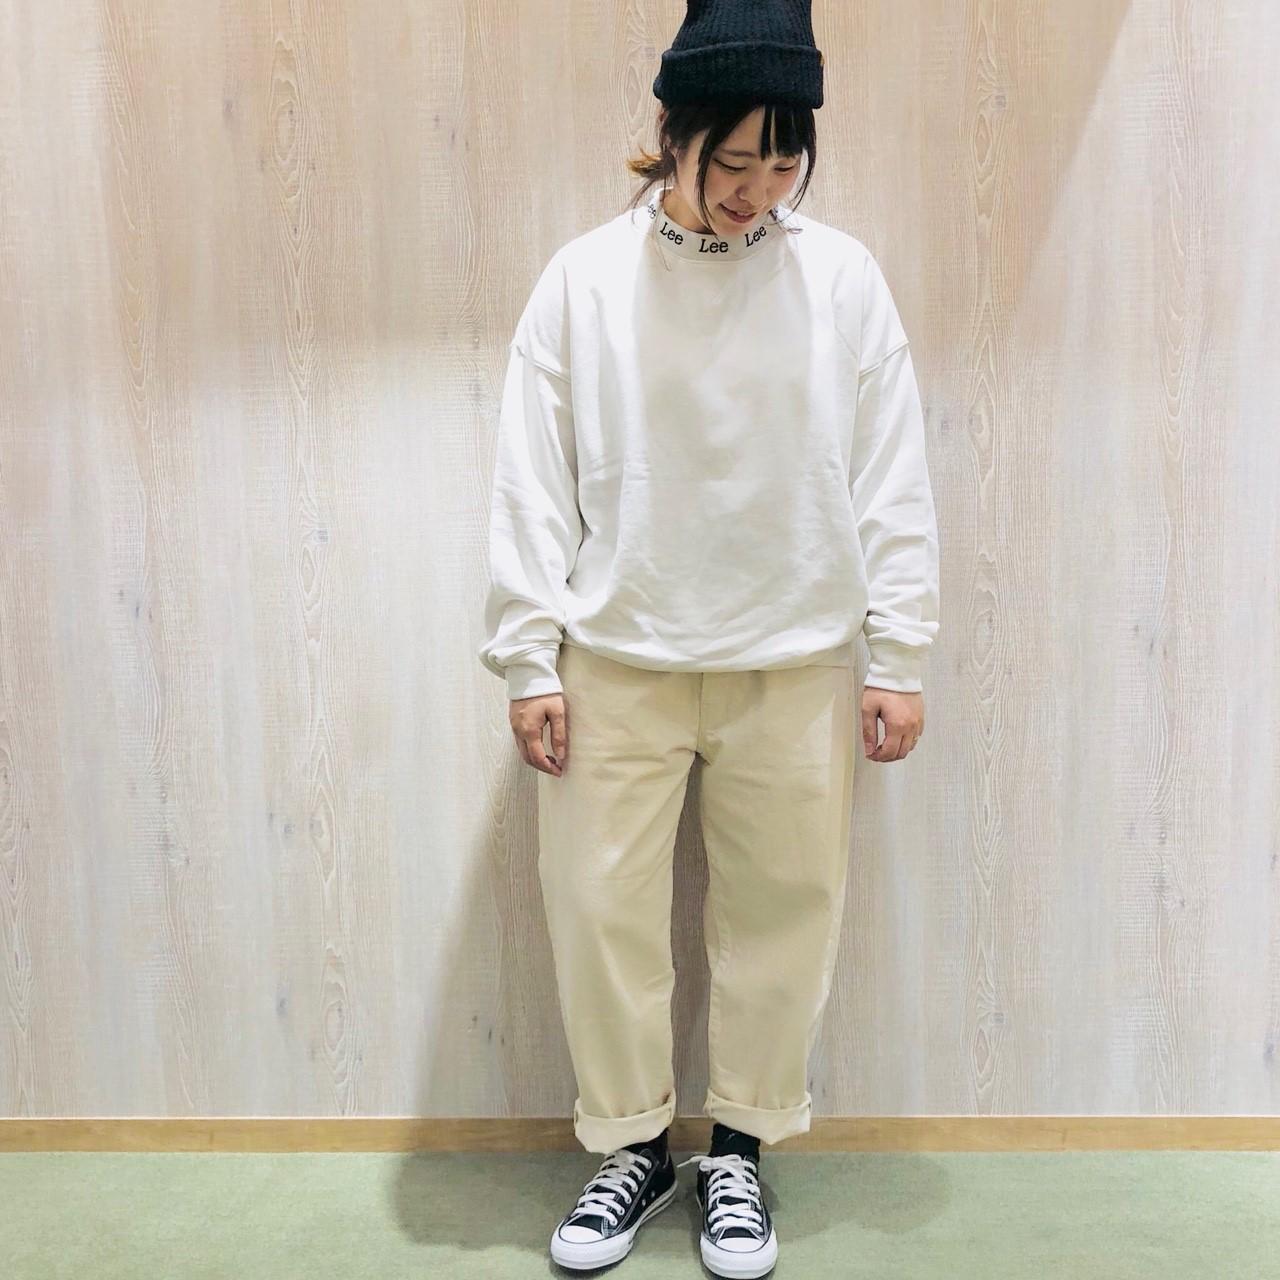 20181012田中ブログ_181011_0012